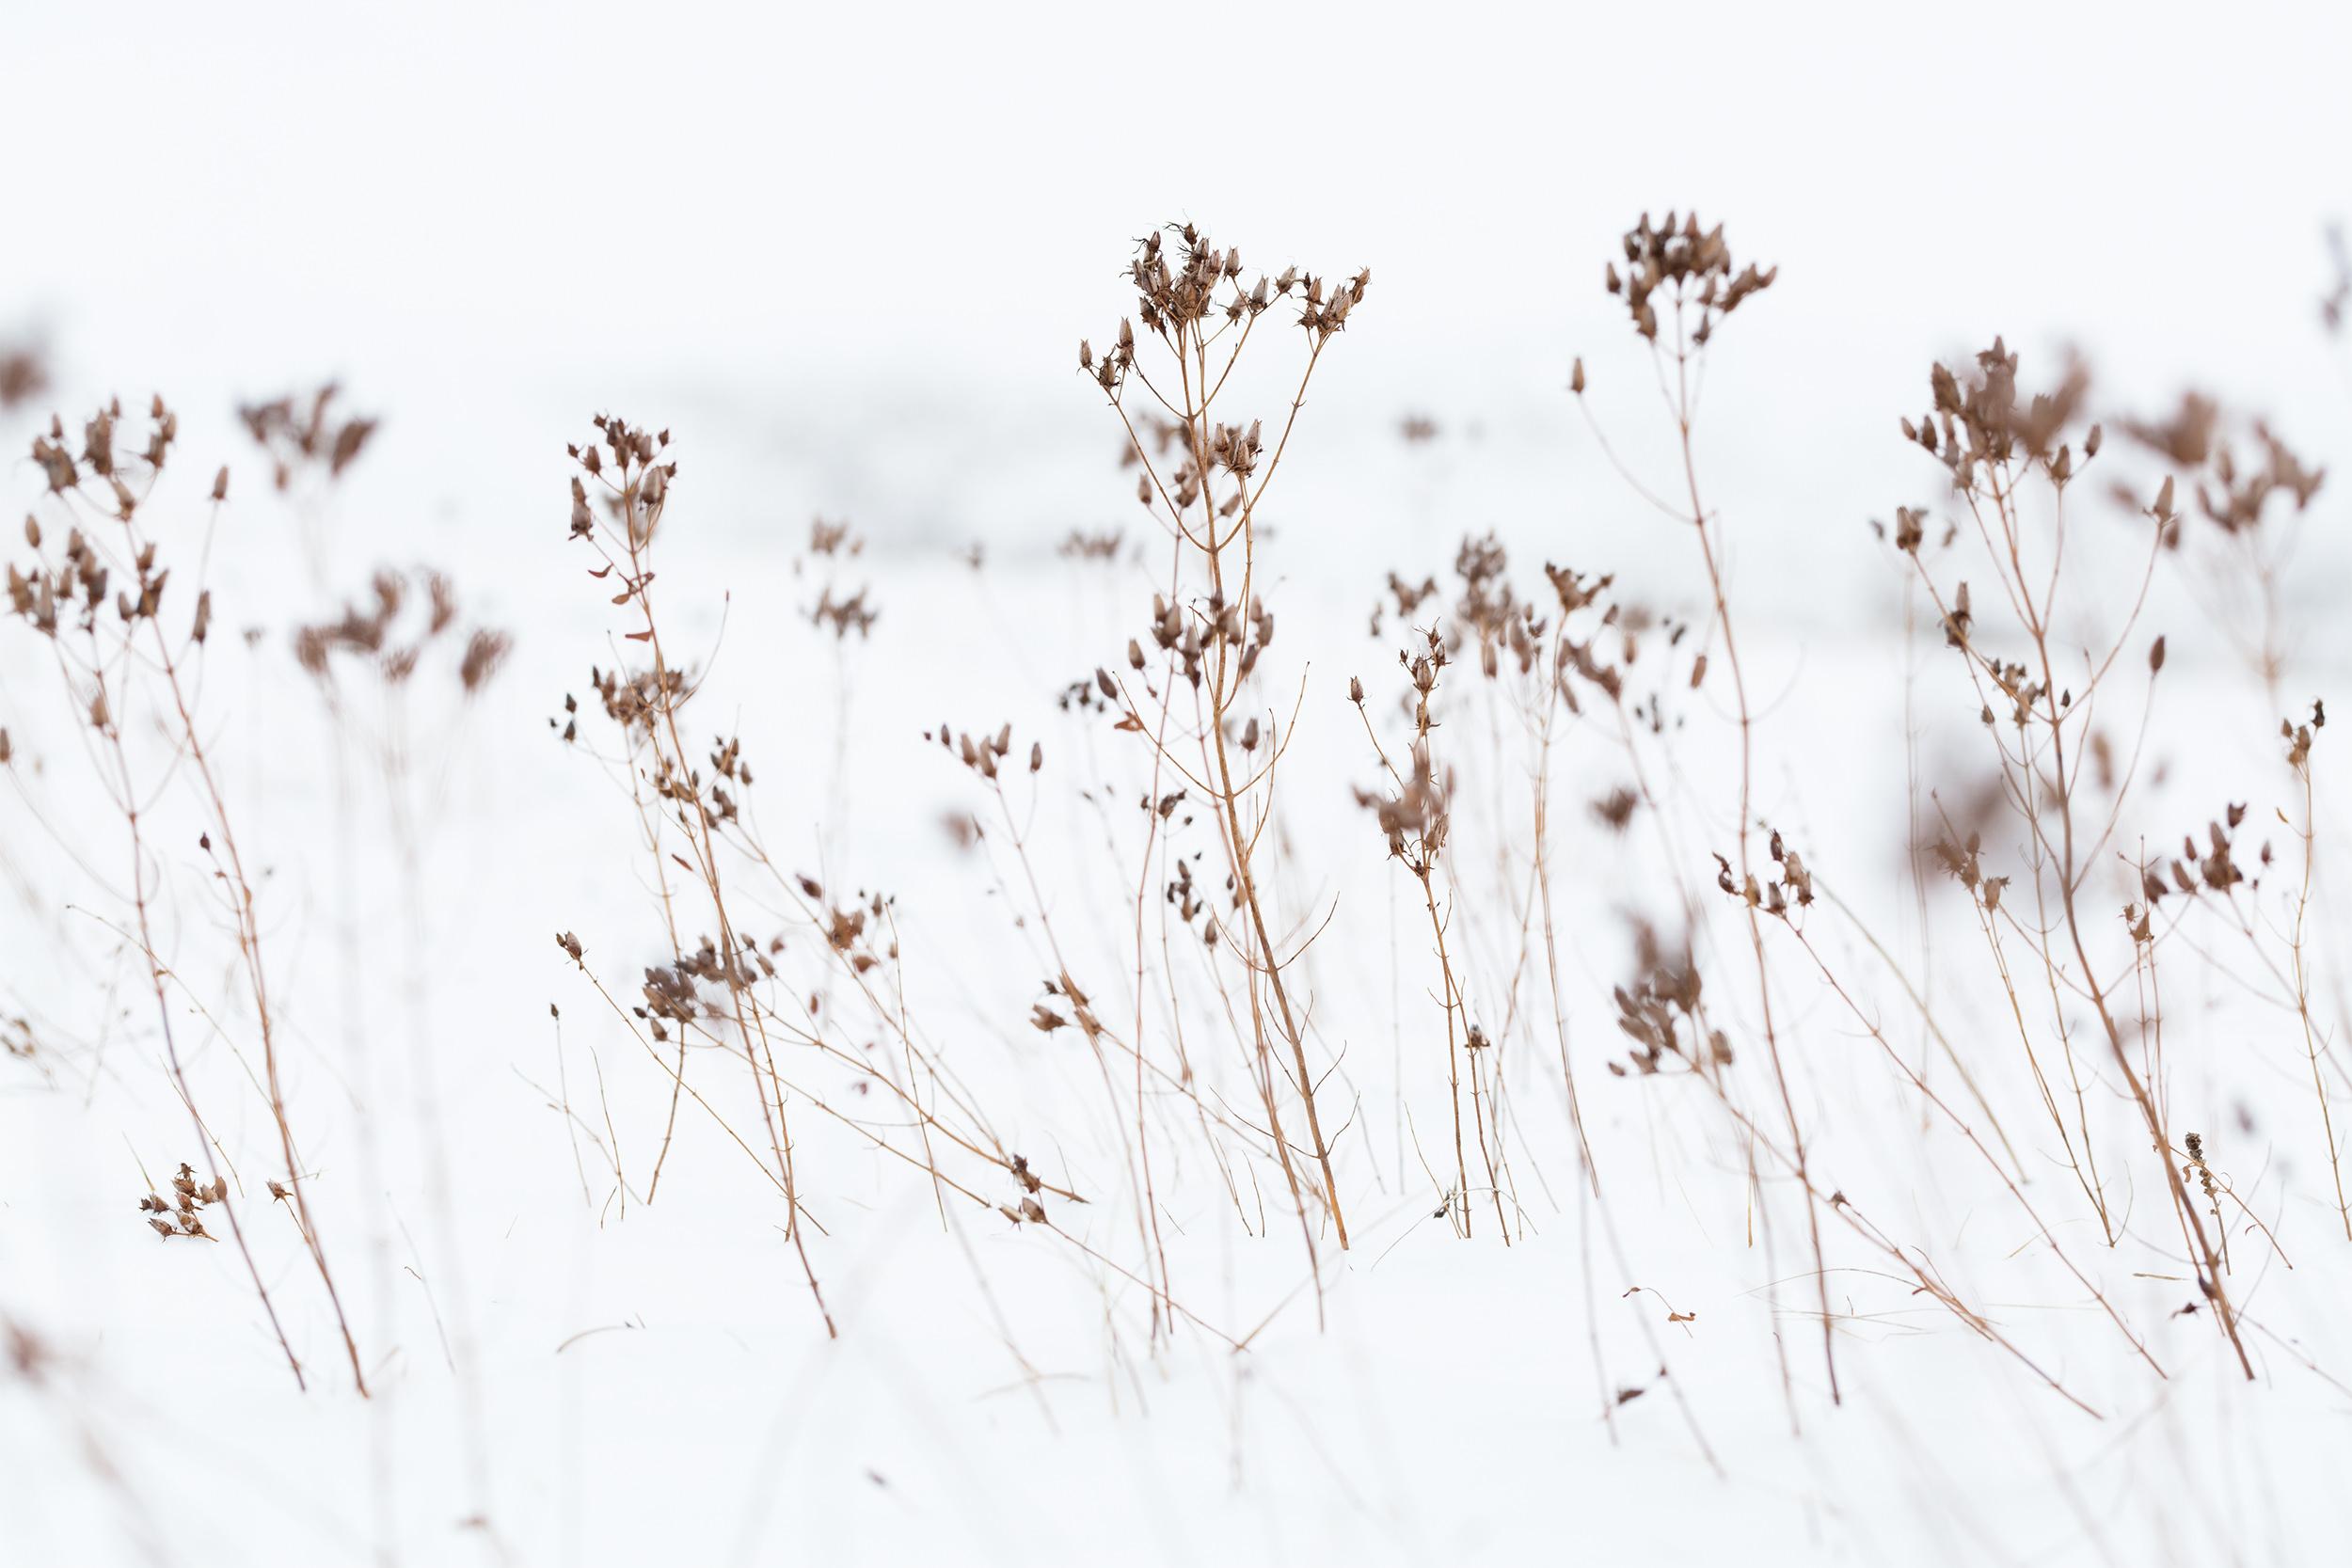 Vertrocknete Gräser im Schnee.